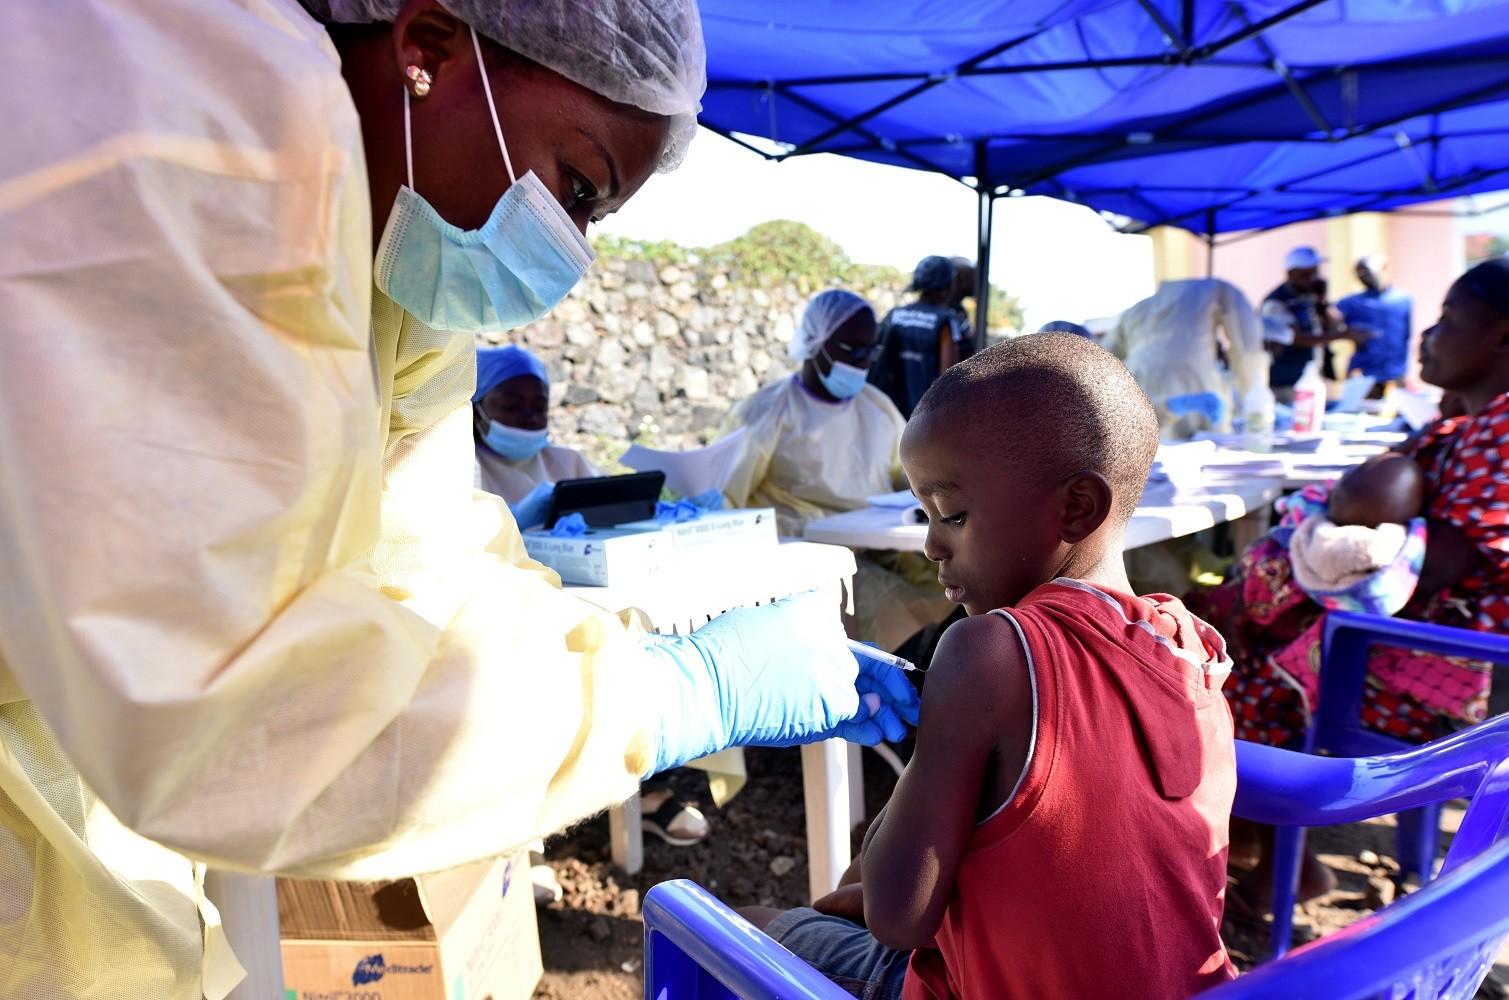 تلقيح طفل وقاية من إصابته بفيروس الإيبولا في الكونغو الديمقراطية